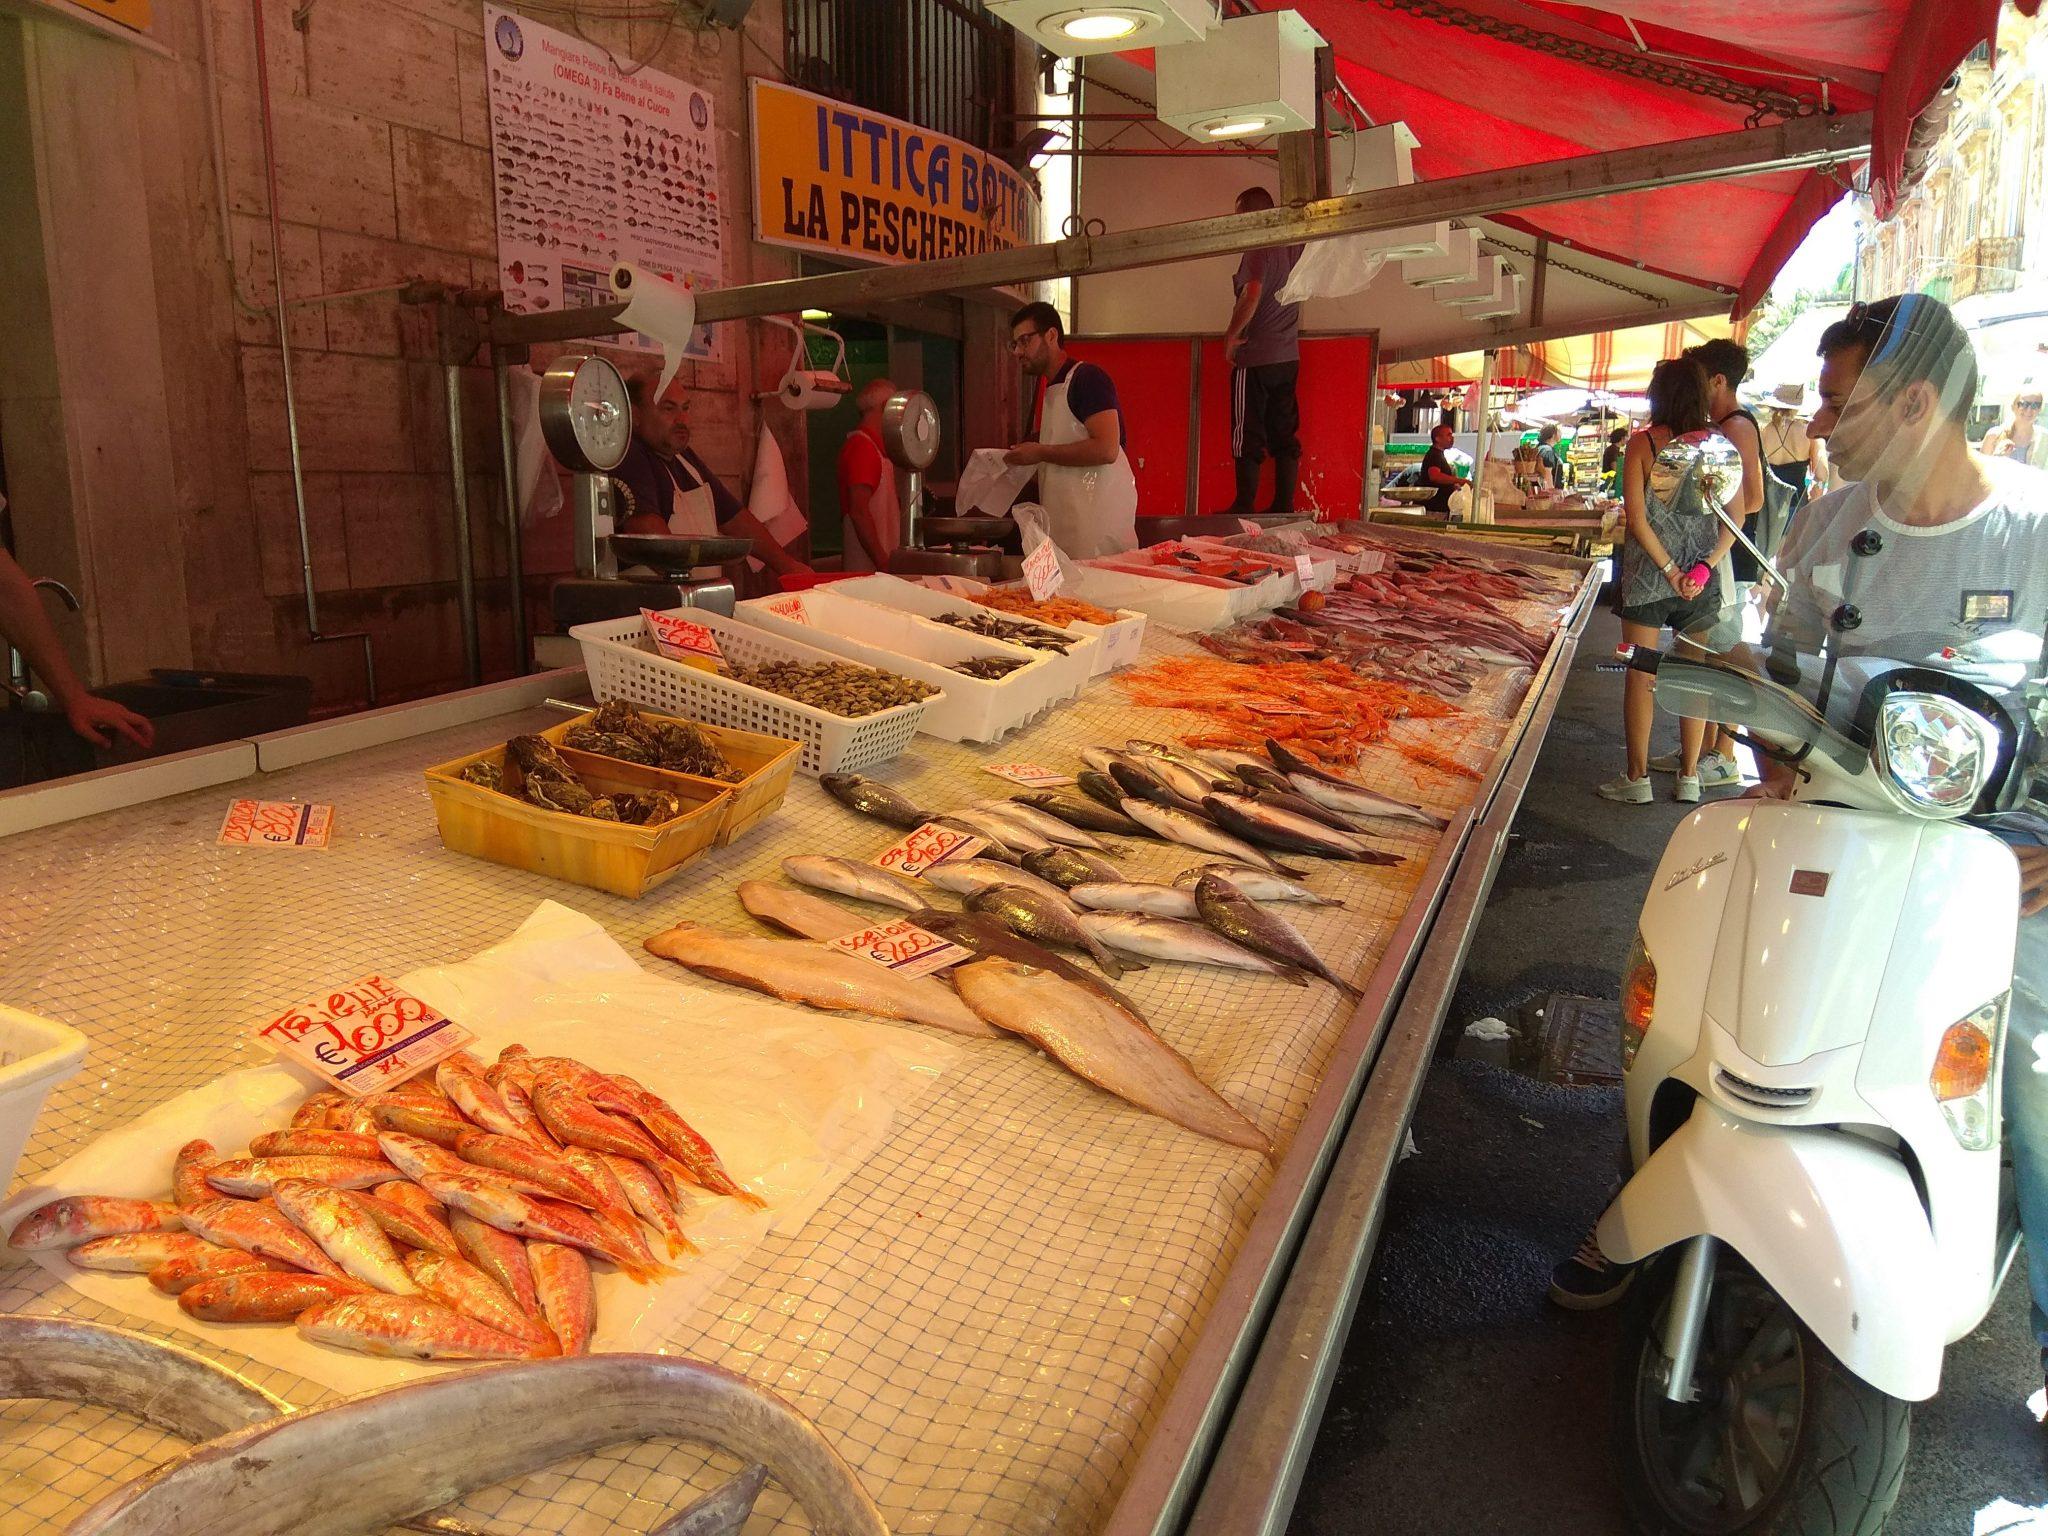 Img post Puesto de pescado mercado de Siracusa. Comer en Siracusa - Pasaporte y Millas